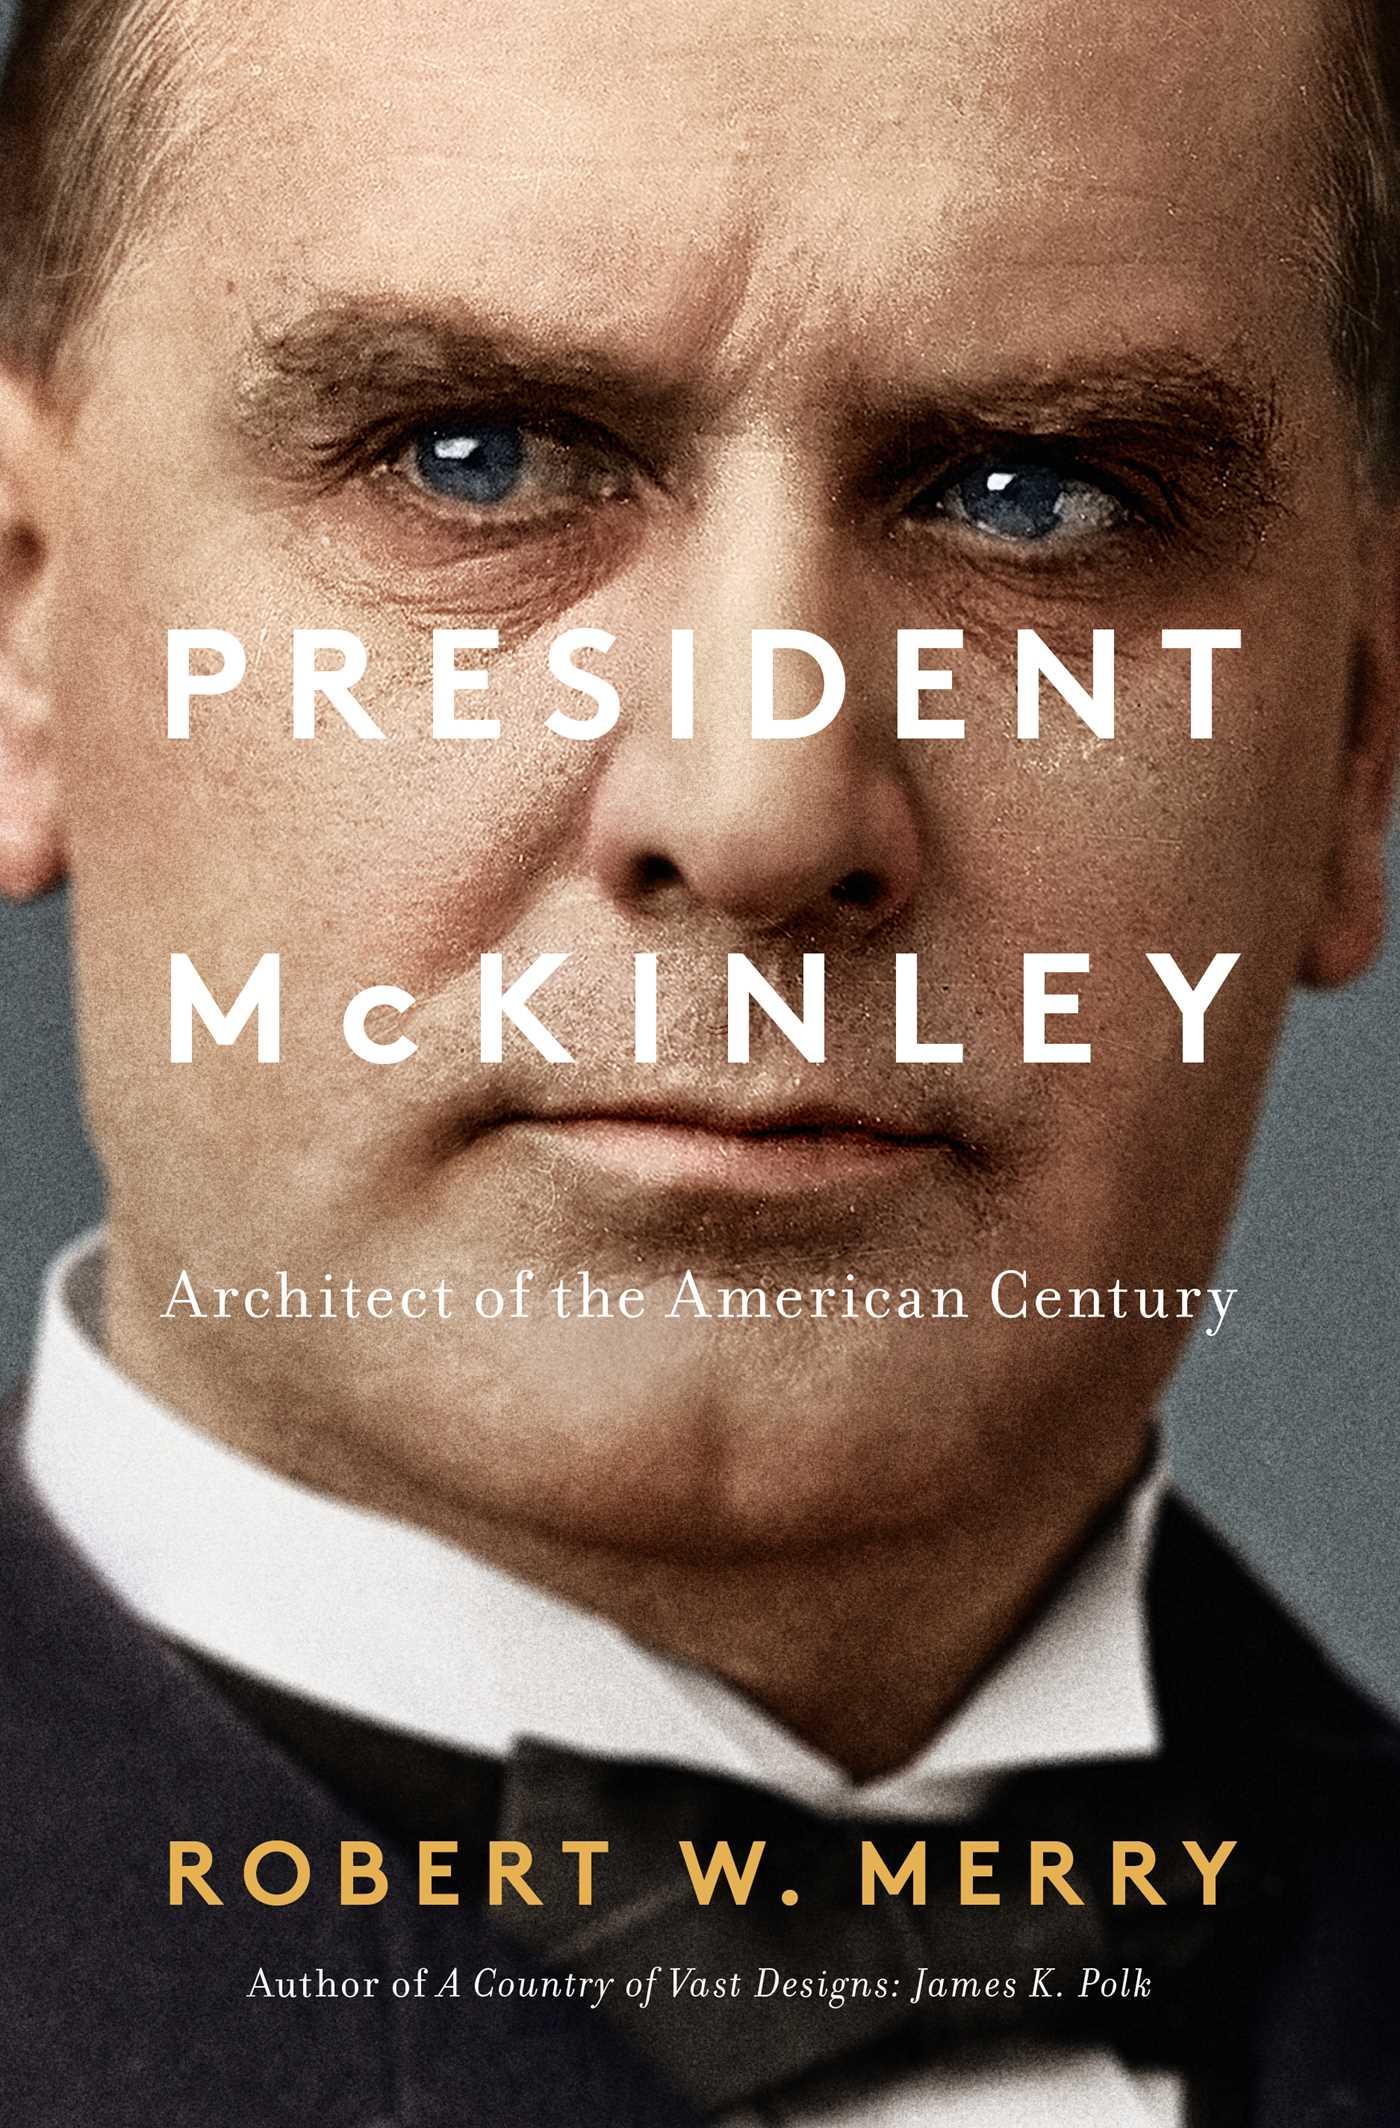 President mckinley 9781451625448 hr